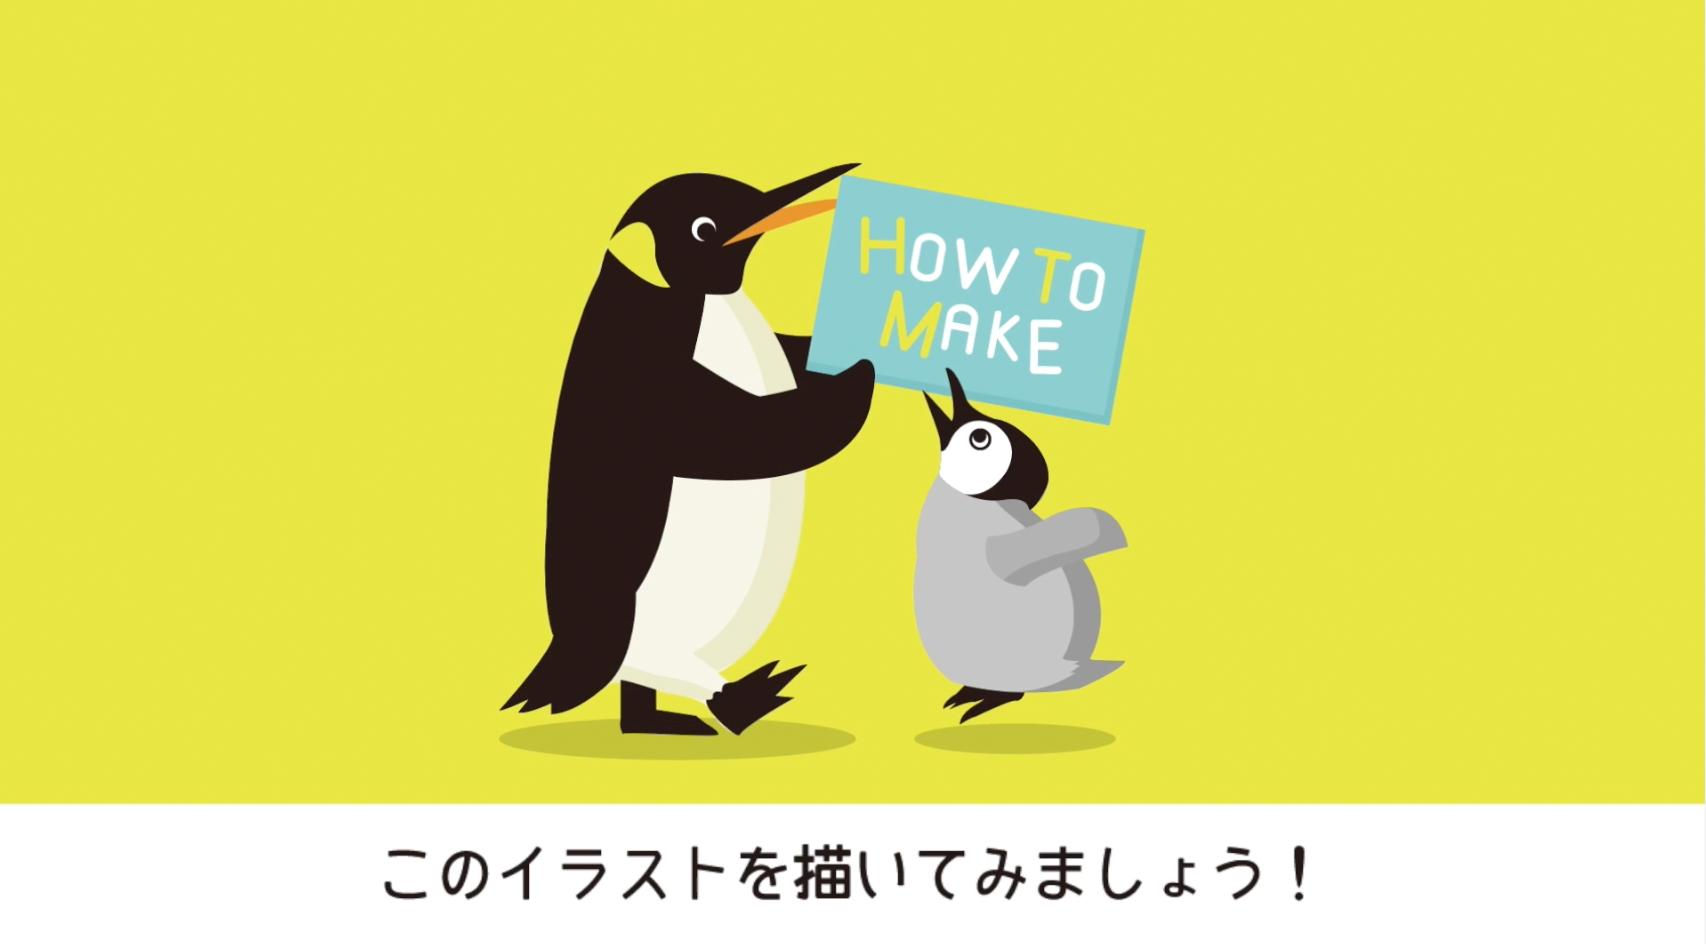 ペンギンのイラスト描き方